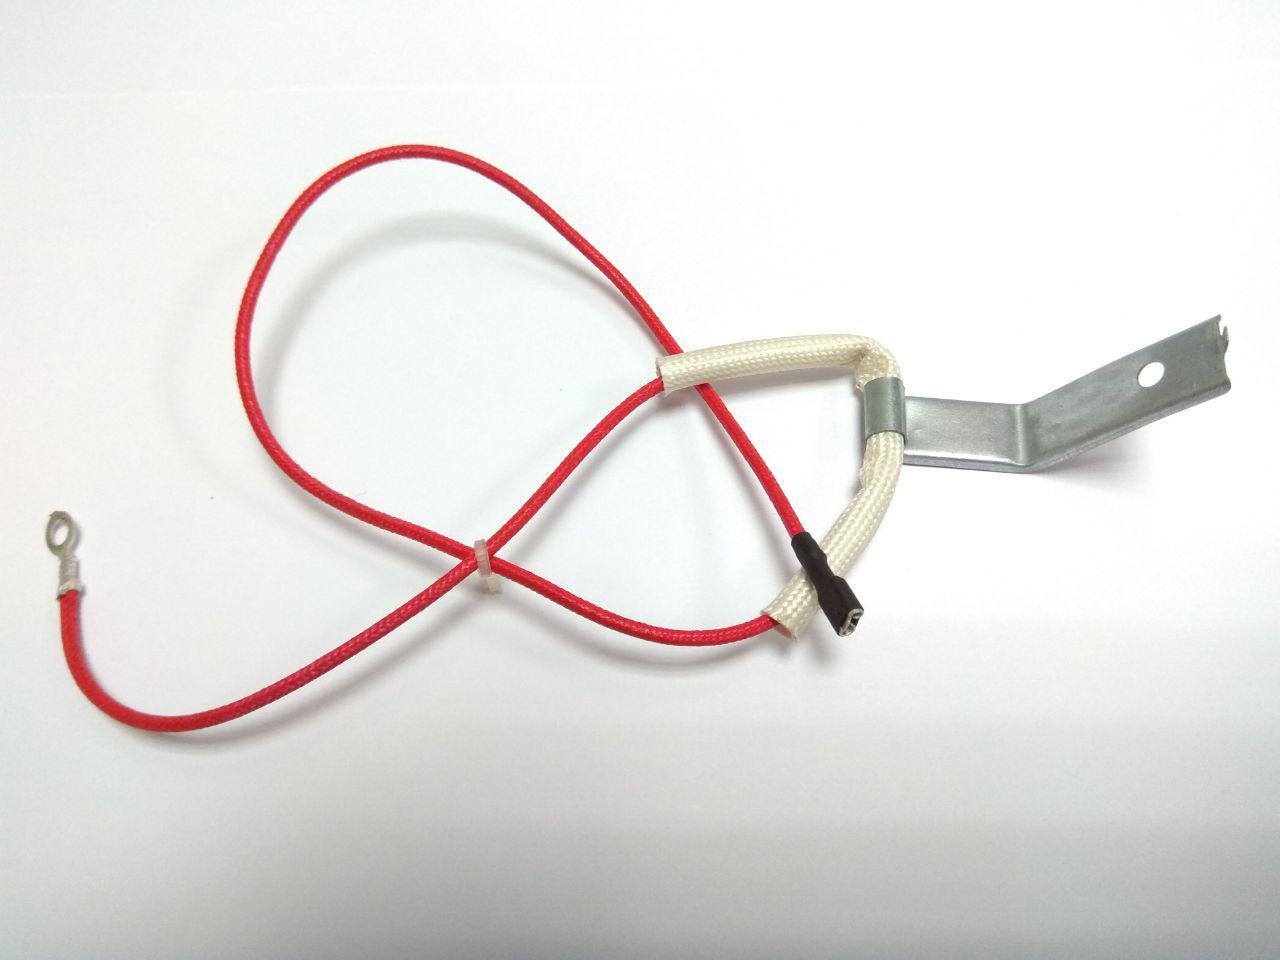 Термозапобіжник RMC-M170 на 133°C